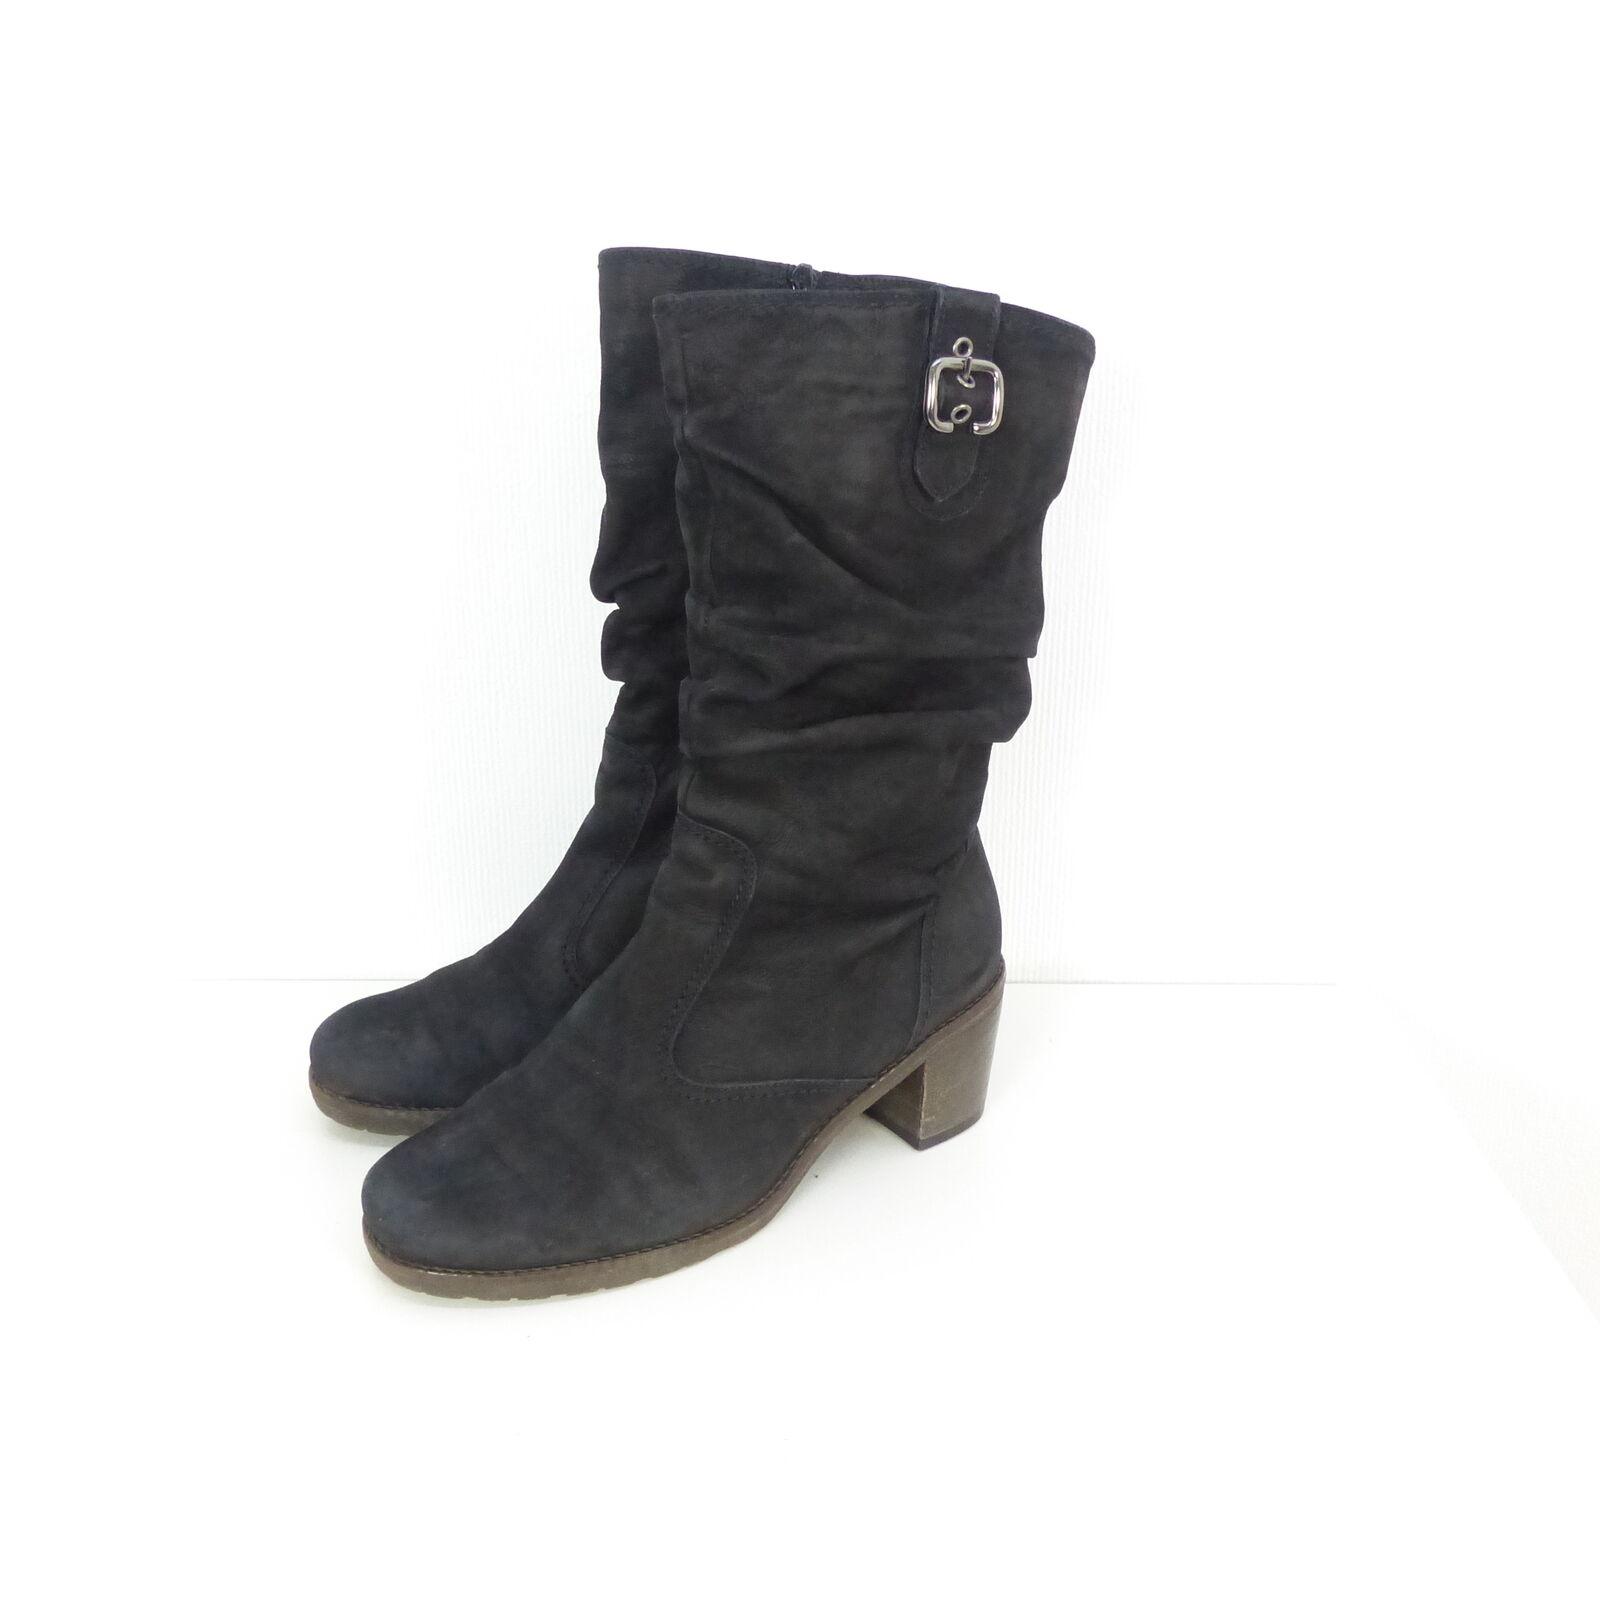 GABOR Stiefel Boots Leder black Gr. (T9)